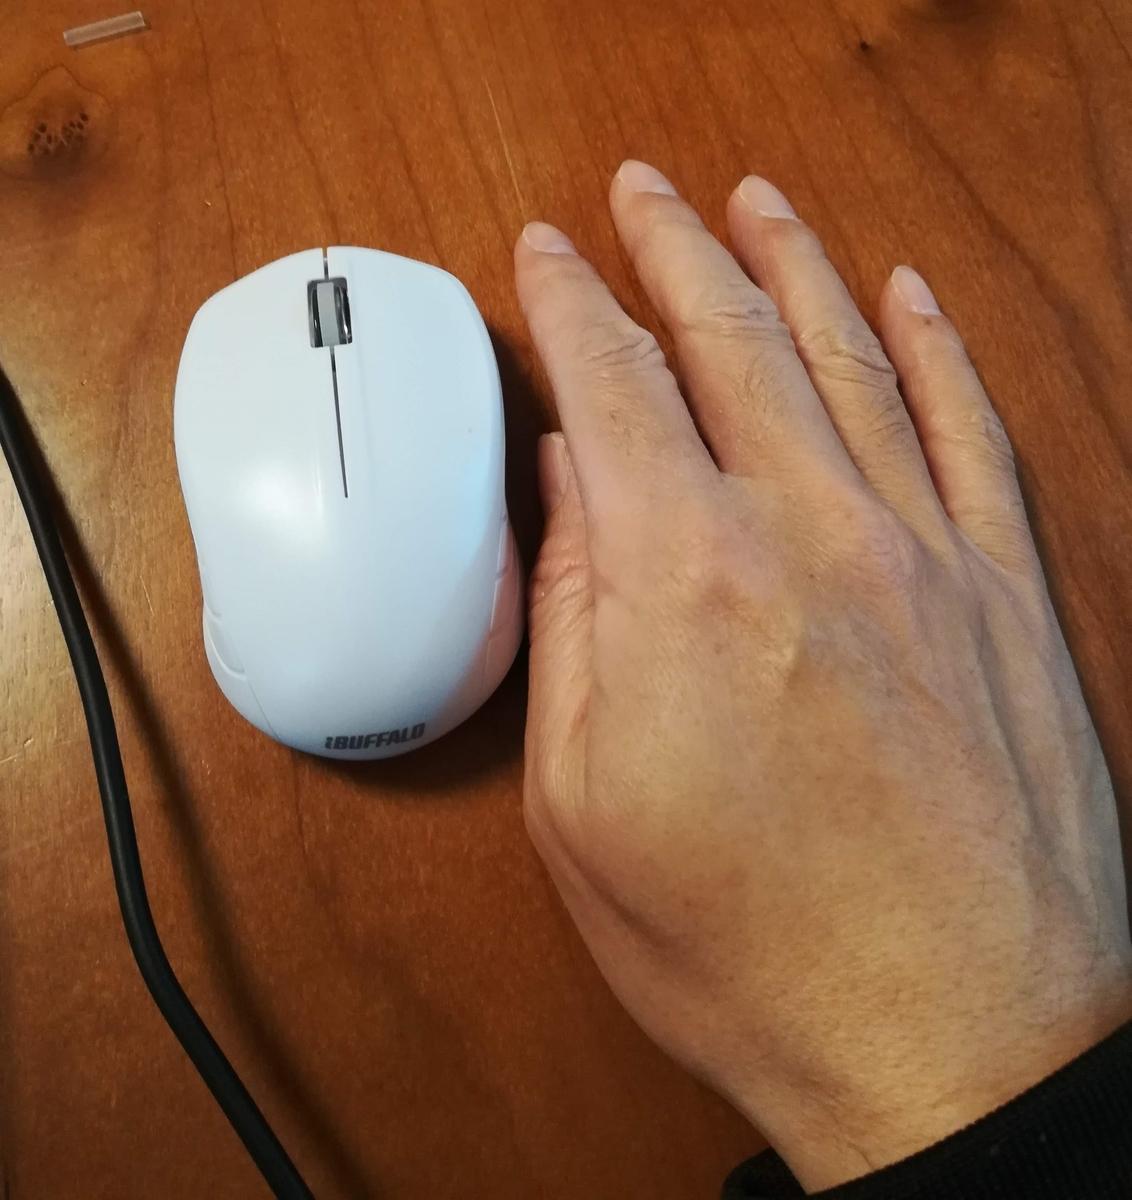 手と比べるとコンパクトさがよくわかります。